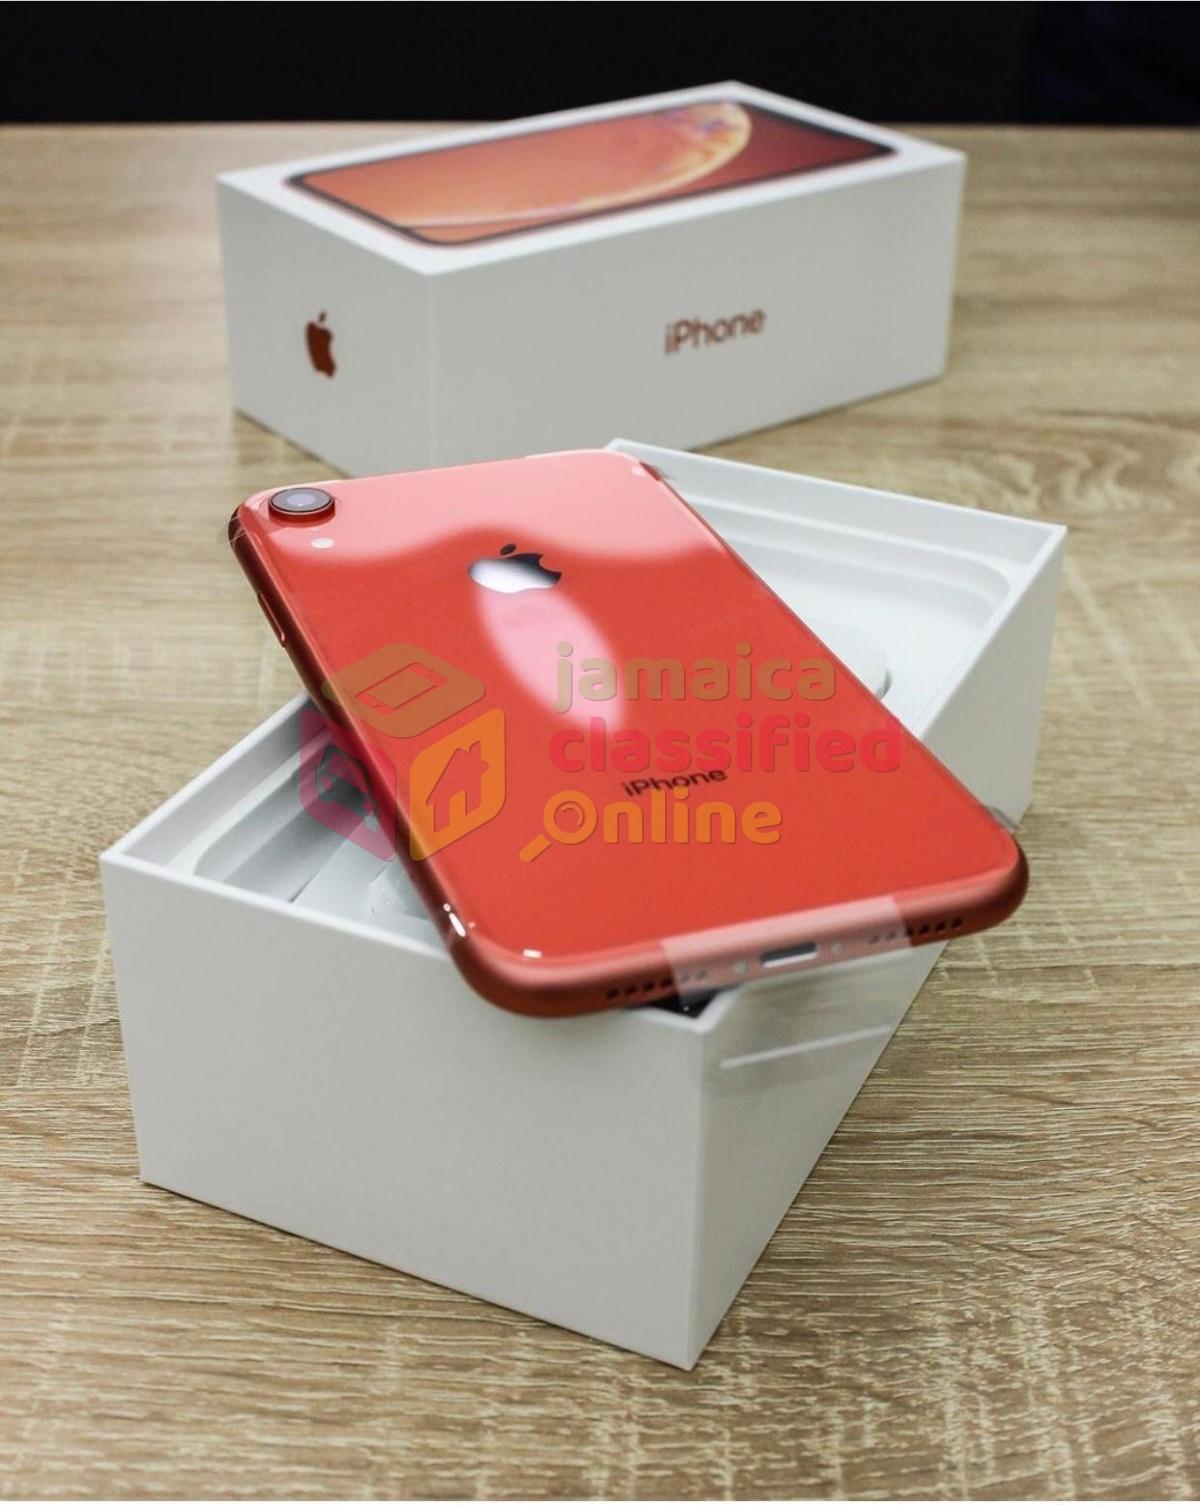 Apple IPhone XR 256GB UNLOCKED for sale in Kingston Kingston